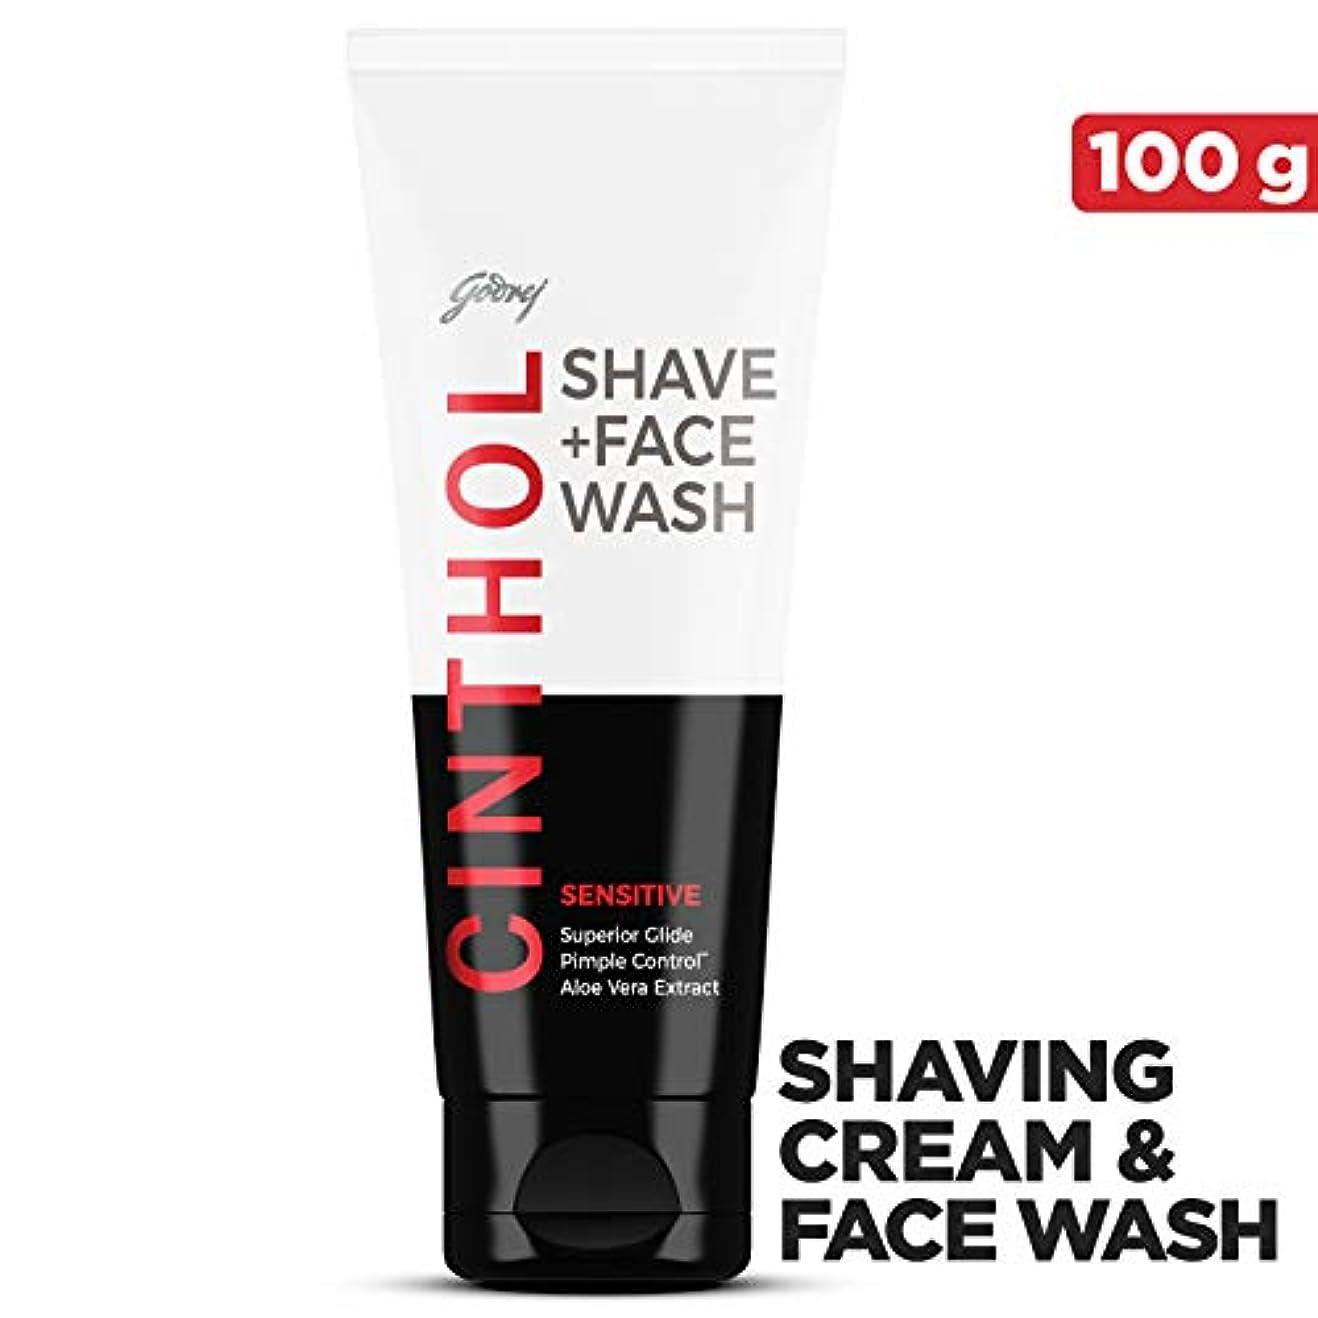 Cinthol Sensitive Shaving + Face wash 100g